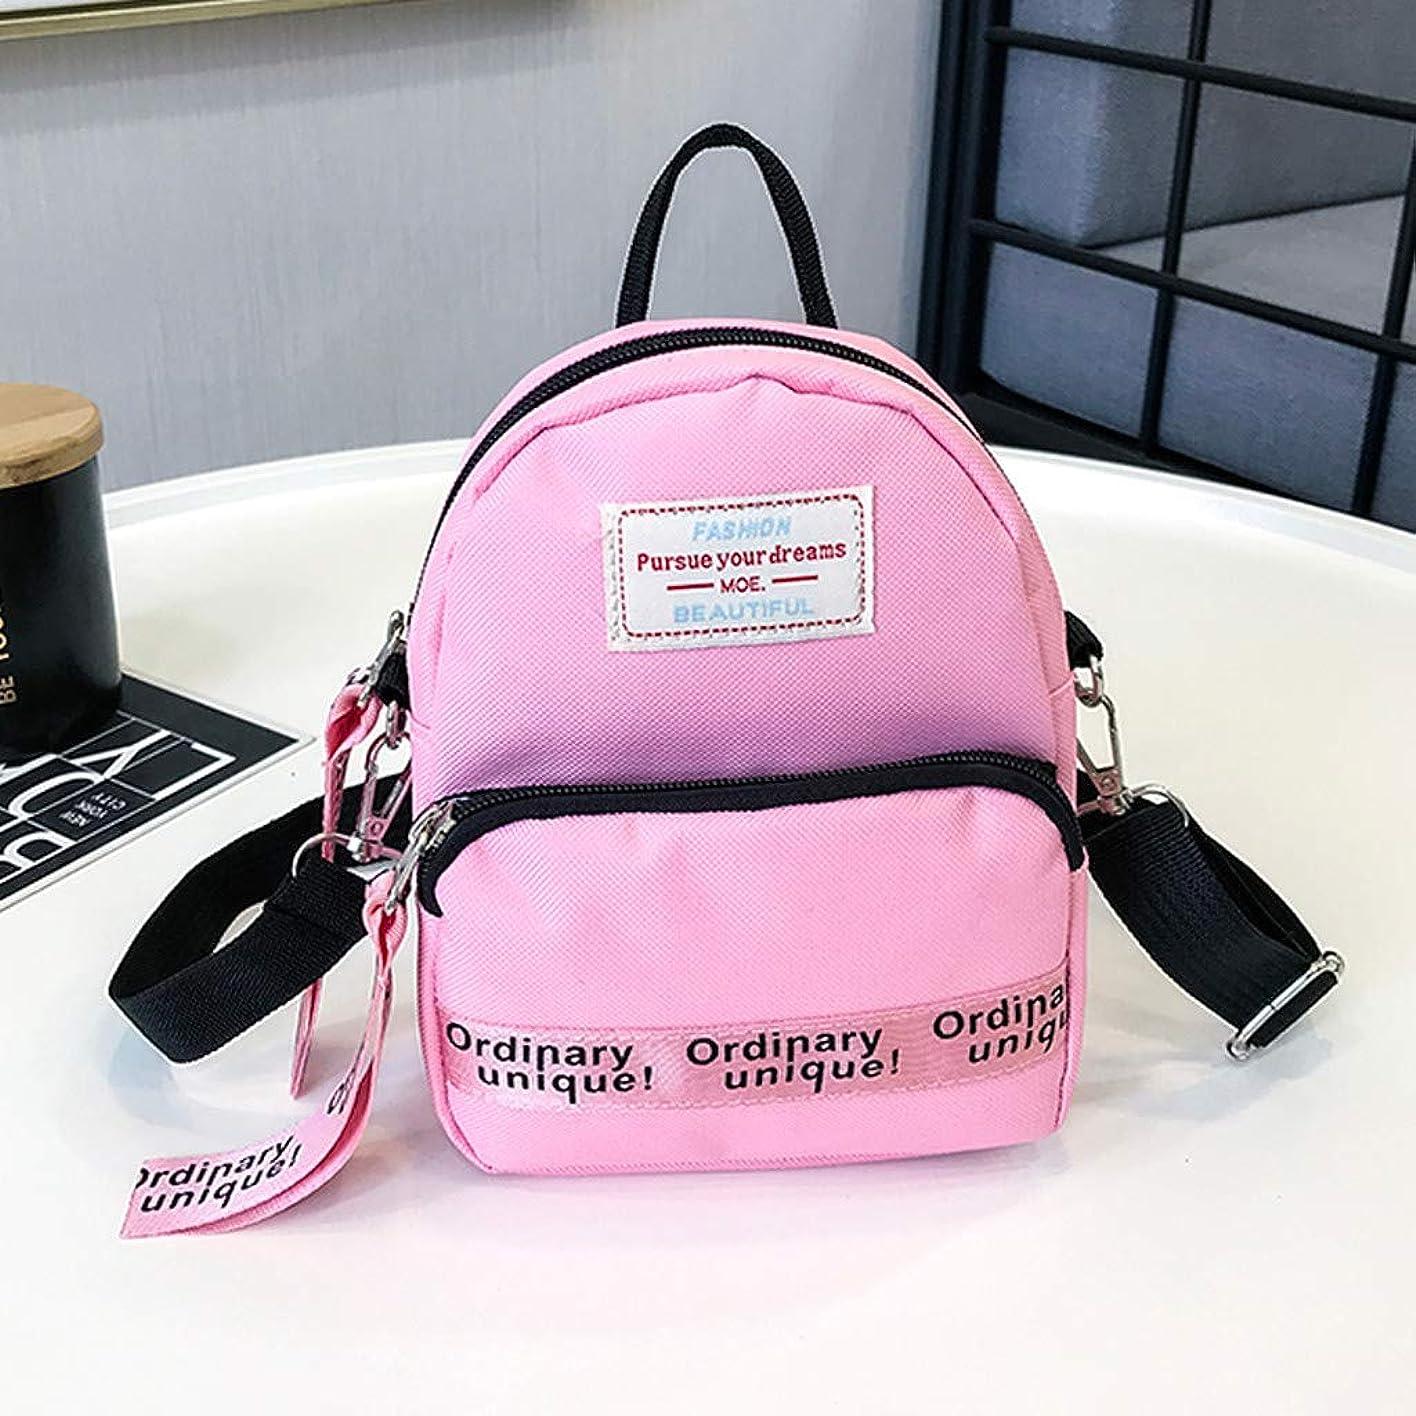 誘う機械もの女性のシンプルなリボンミニキャンバスクロスボディバッグ、女性のトレンディなシンプルなキャンバスショルダーバッグレディースミニレジャークロスボディバッグ、ストリートスタイルの文字刺繍キャンバスメッセンジャーバッグ (ピンク)